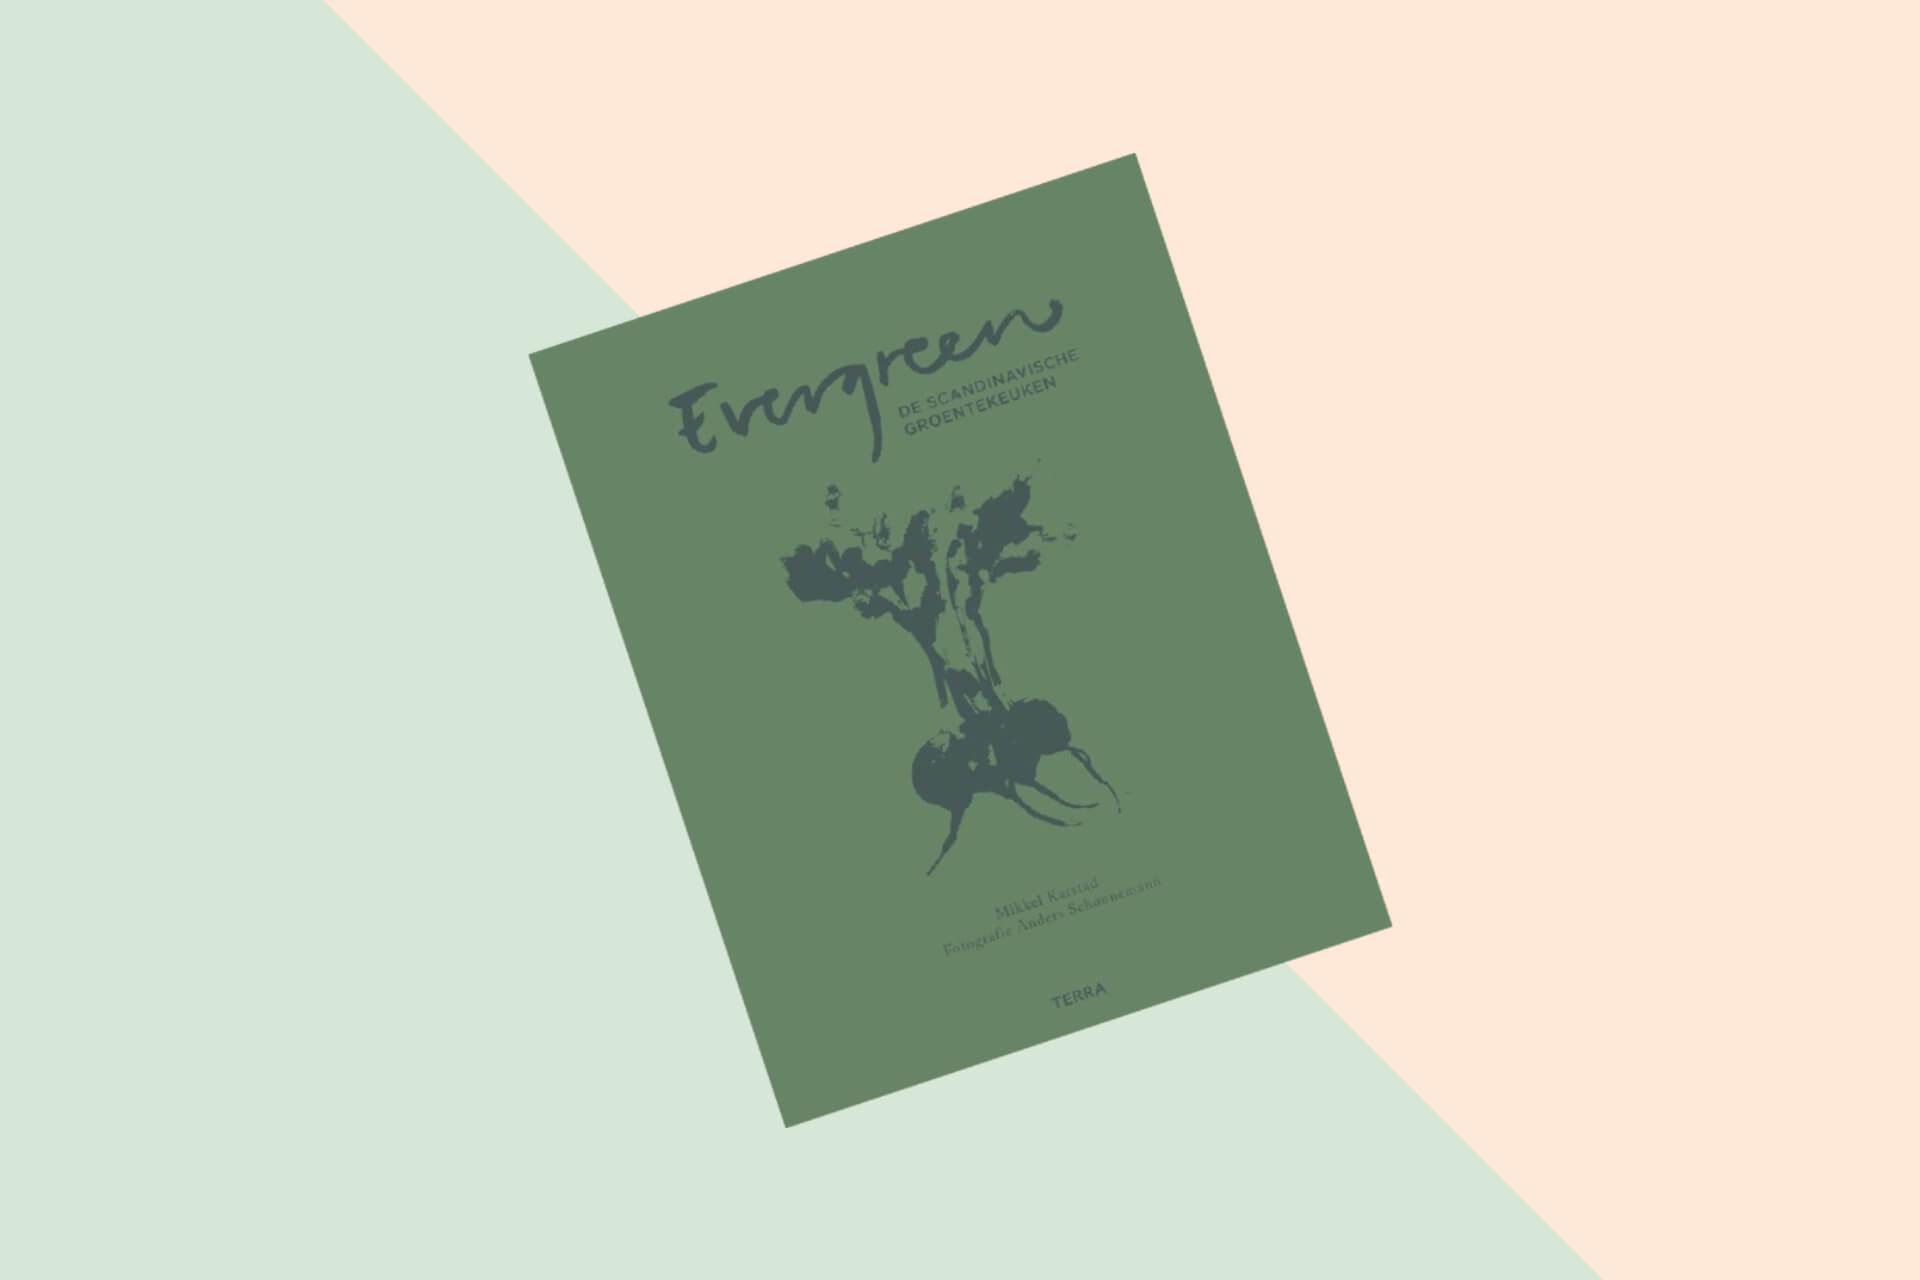 Kookboek Evergreen - De Scandinavische groentekeuken